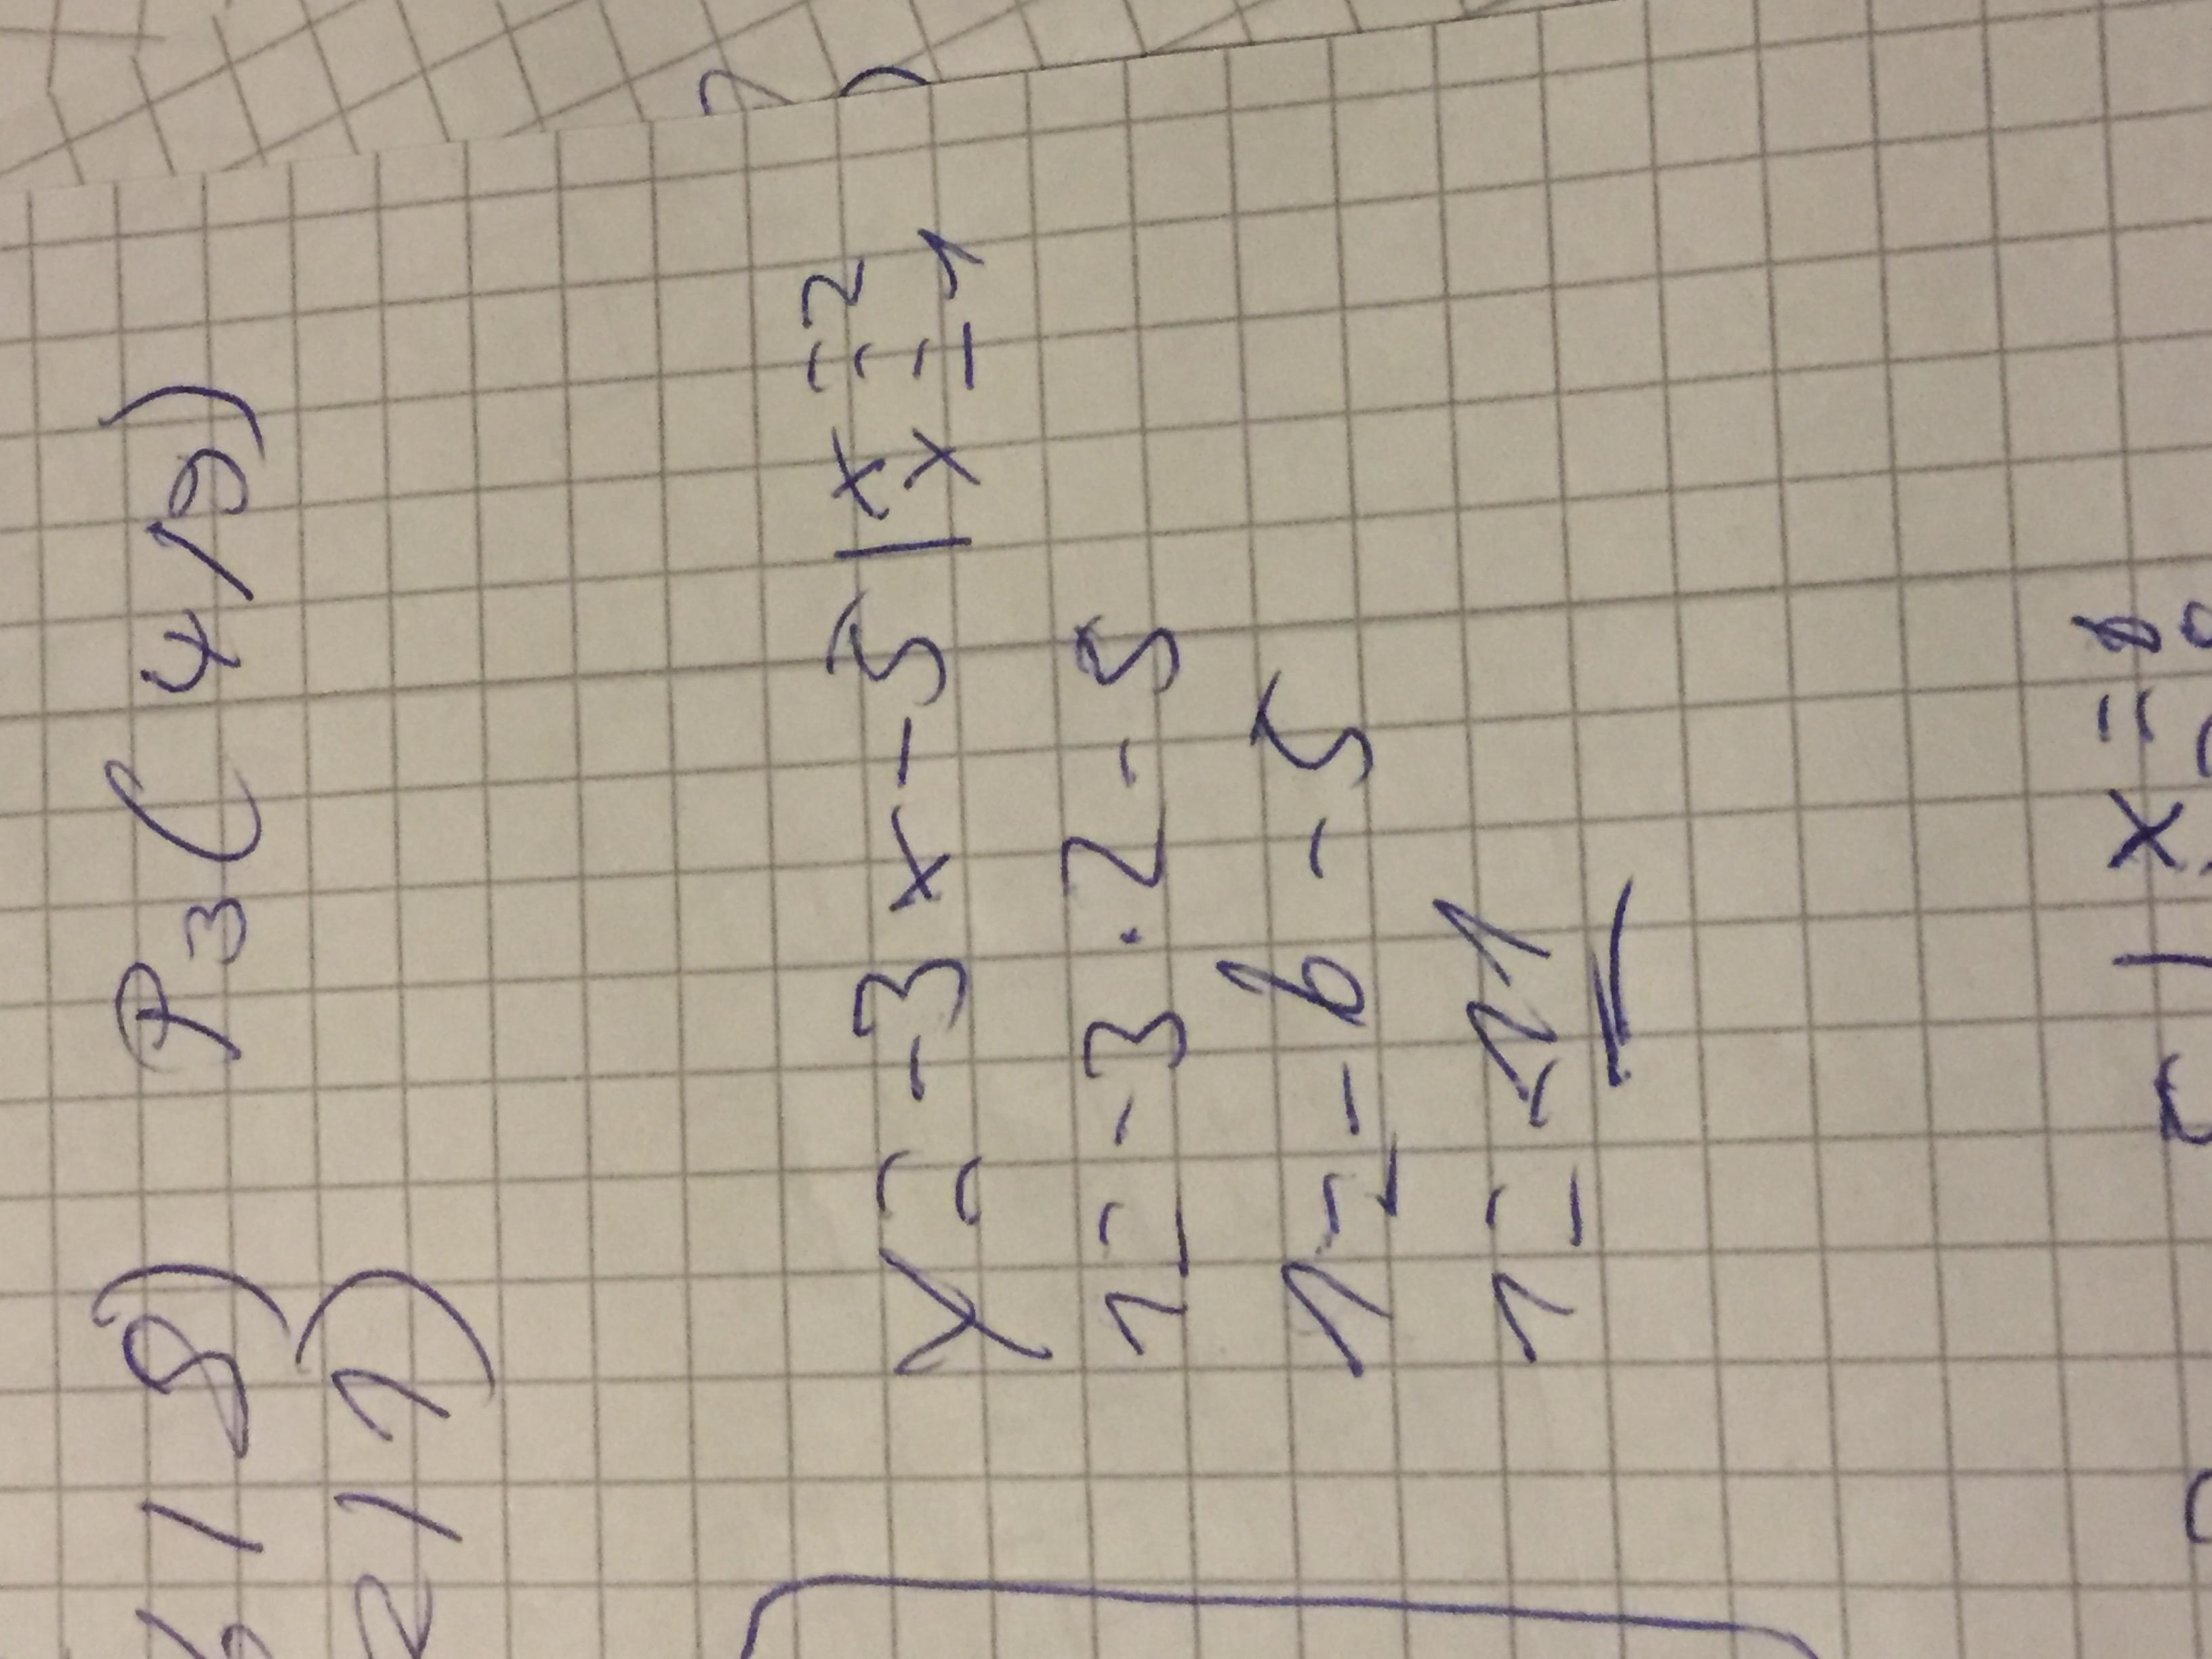 beispiel y 3x 5 liegt punkt 2 1 auf dem graphen funktionsgleichung berechnen mathematik. Black Bedroom Furniture Sets. Home Design Ideas